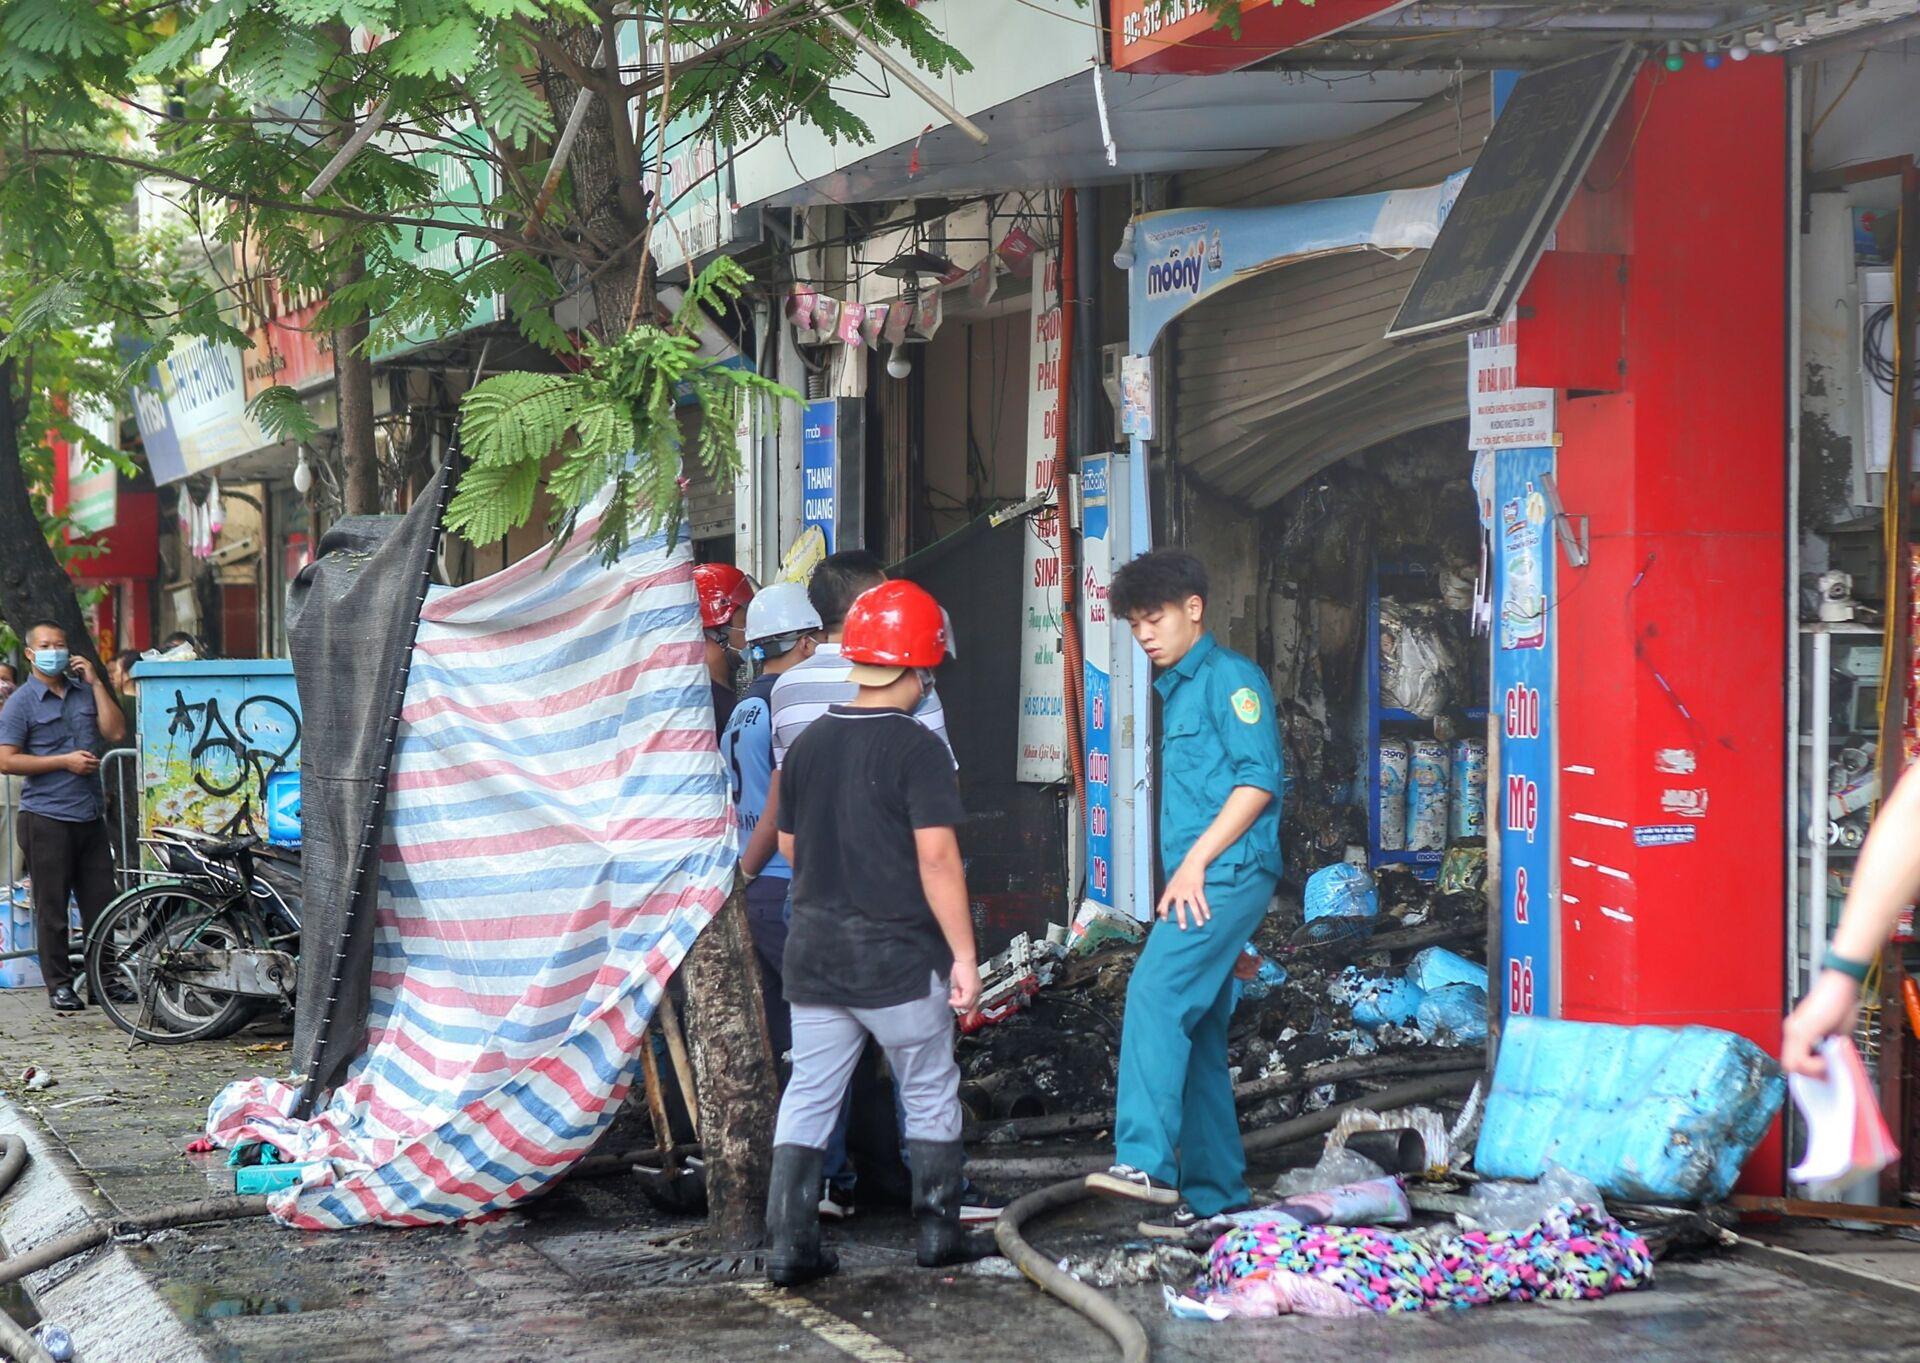 Vụ cháy cửa hàng ở Hà Nội: 3 người và 1 thai phụ thiệt mạng - Sputnik Việt Nam, 1920, 04.04.2021